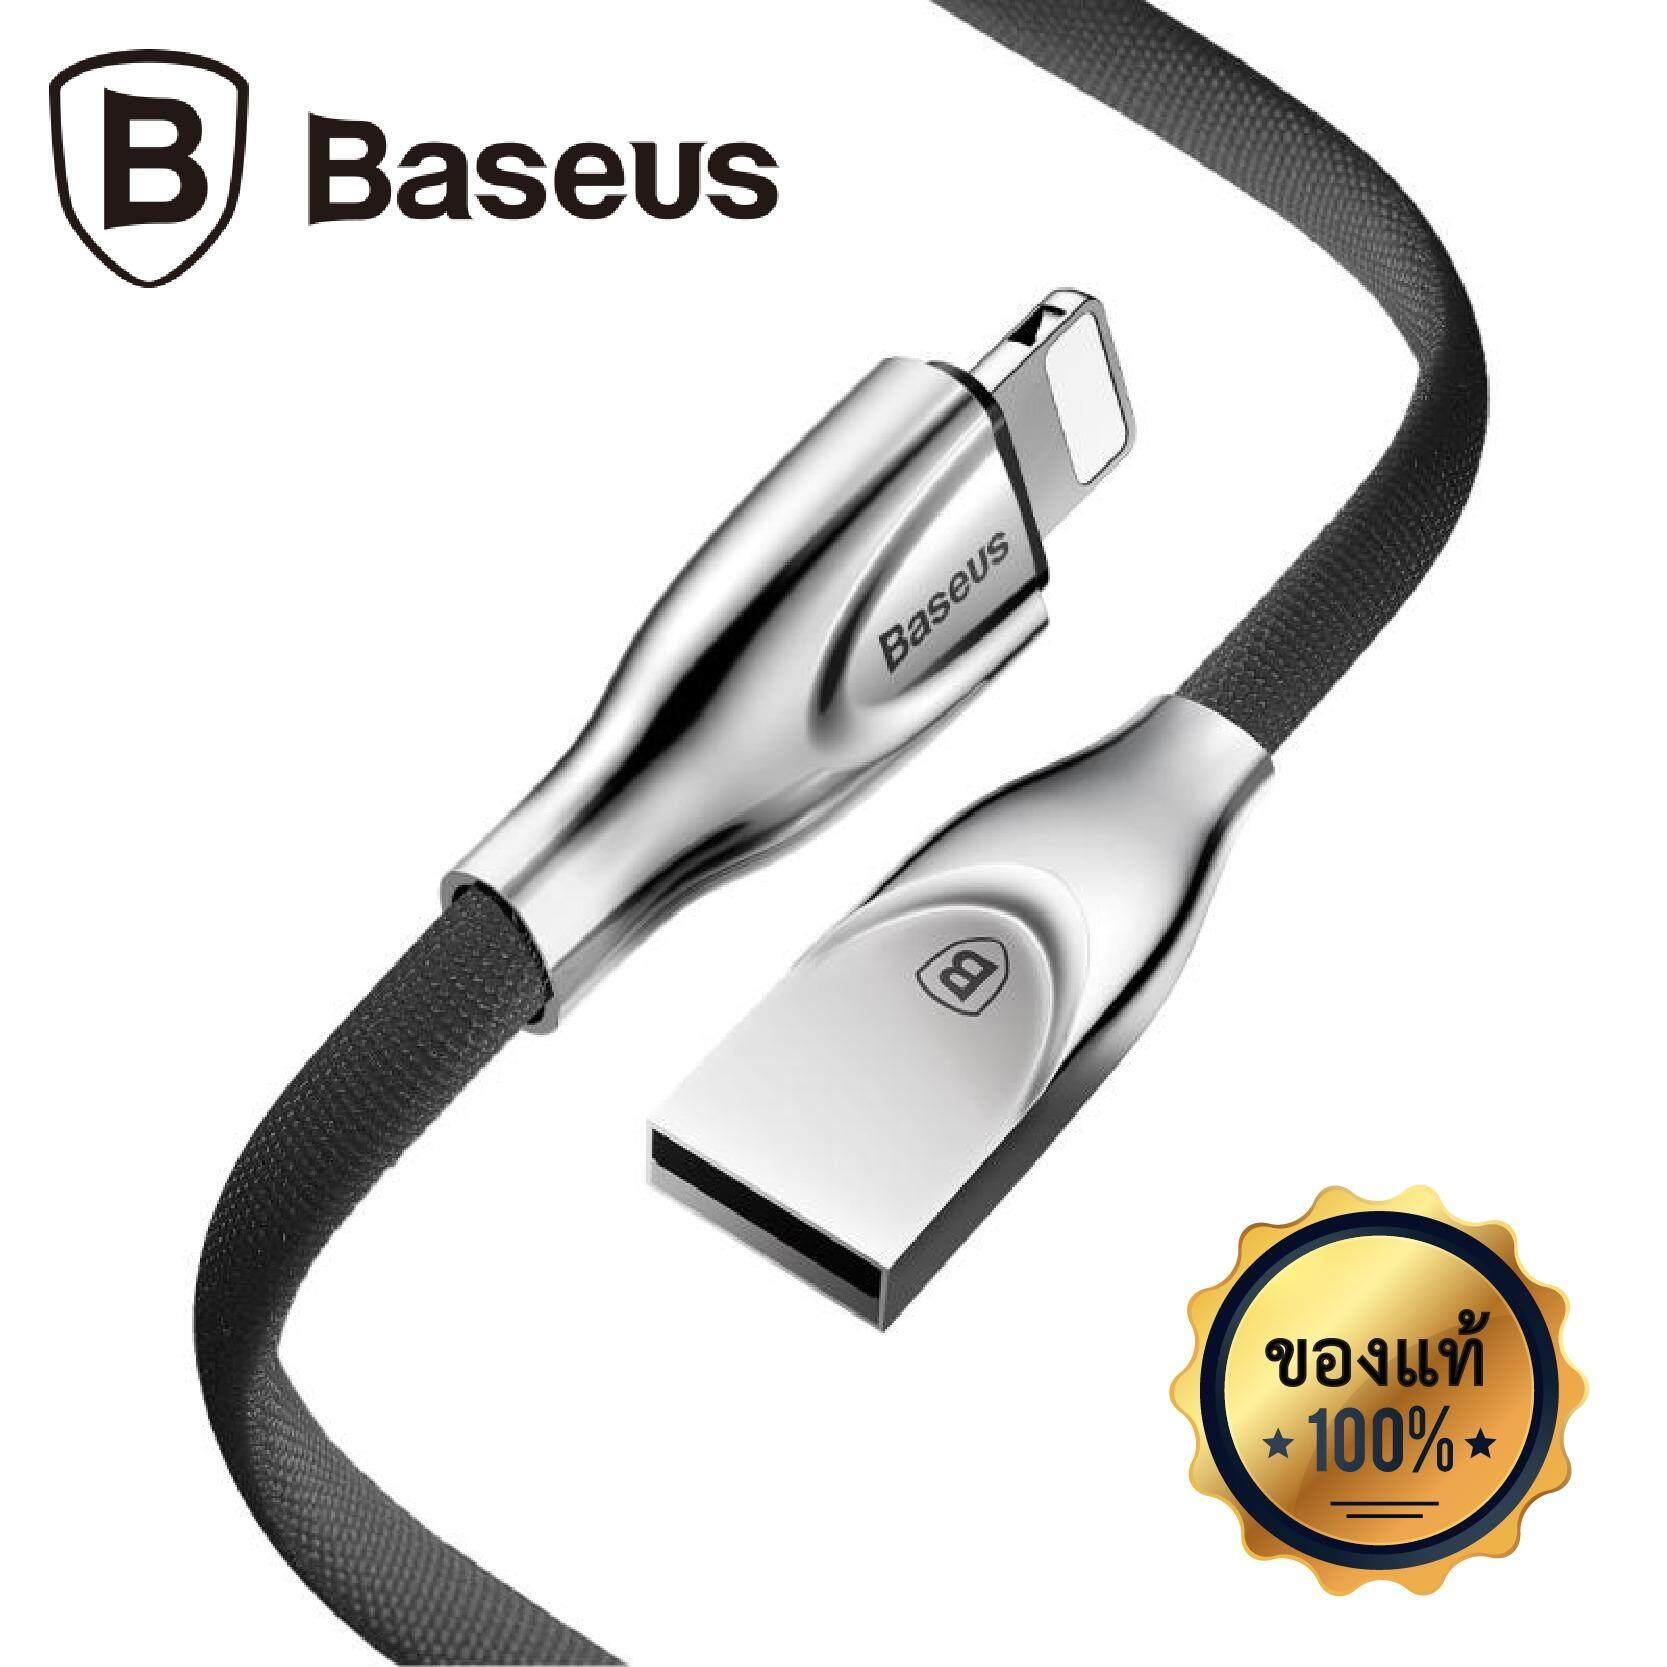 สายชาร์จ Baseus สำหรับ Iphone รุ่น Zinc Alloy Usb Cable ของแท้ 100 ใน กรุงเทพมหานคร